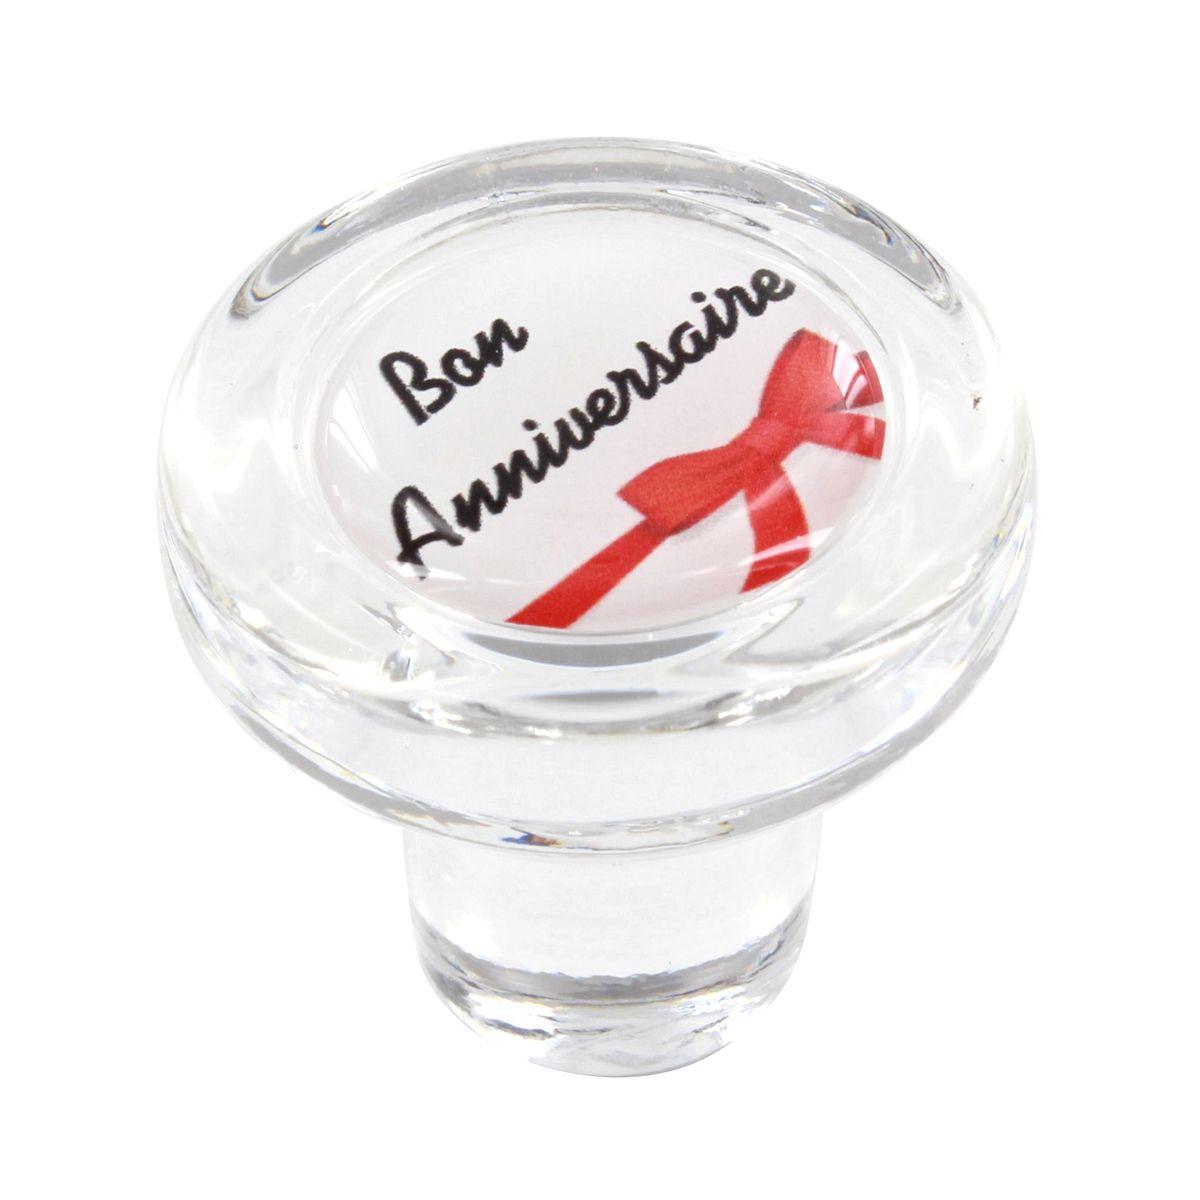 Bouchon en verre bon anniversaire - Cevenpack